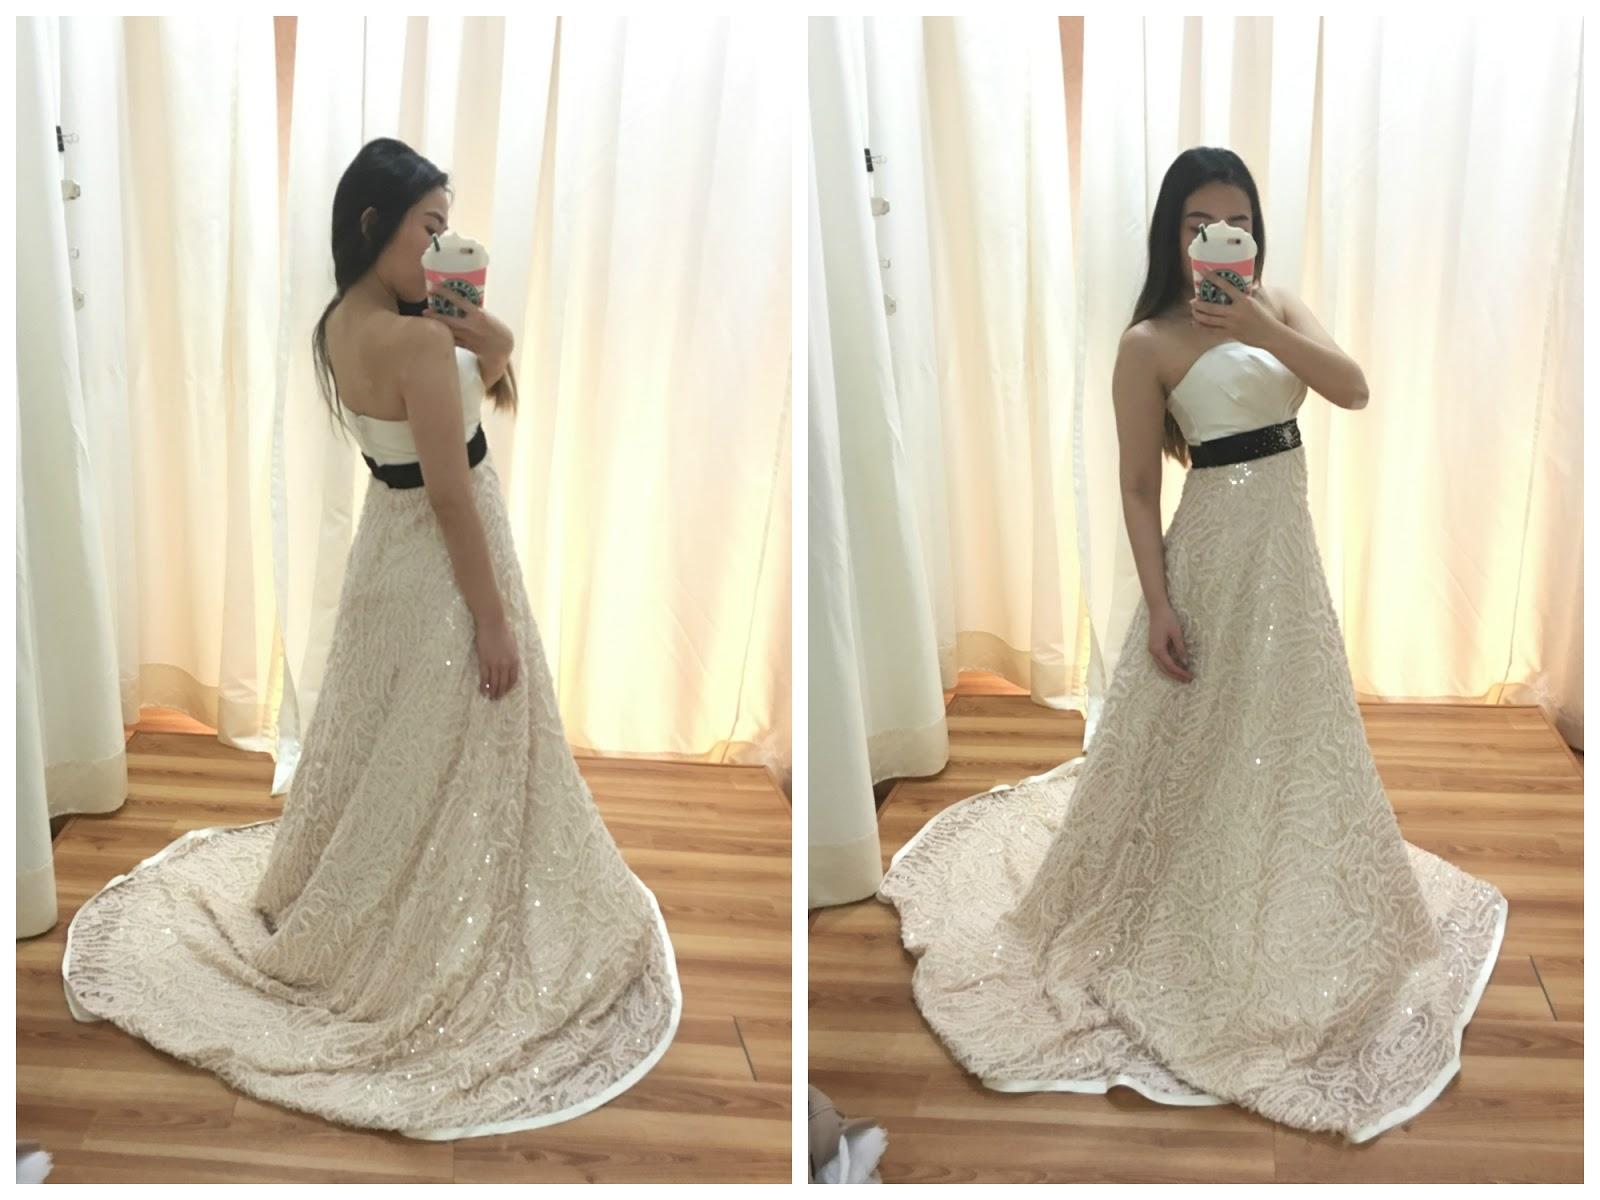 Grace Myu: Malaysia Beauty, Fashion, Lifestyle Blogger